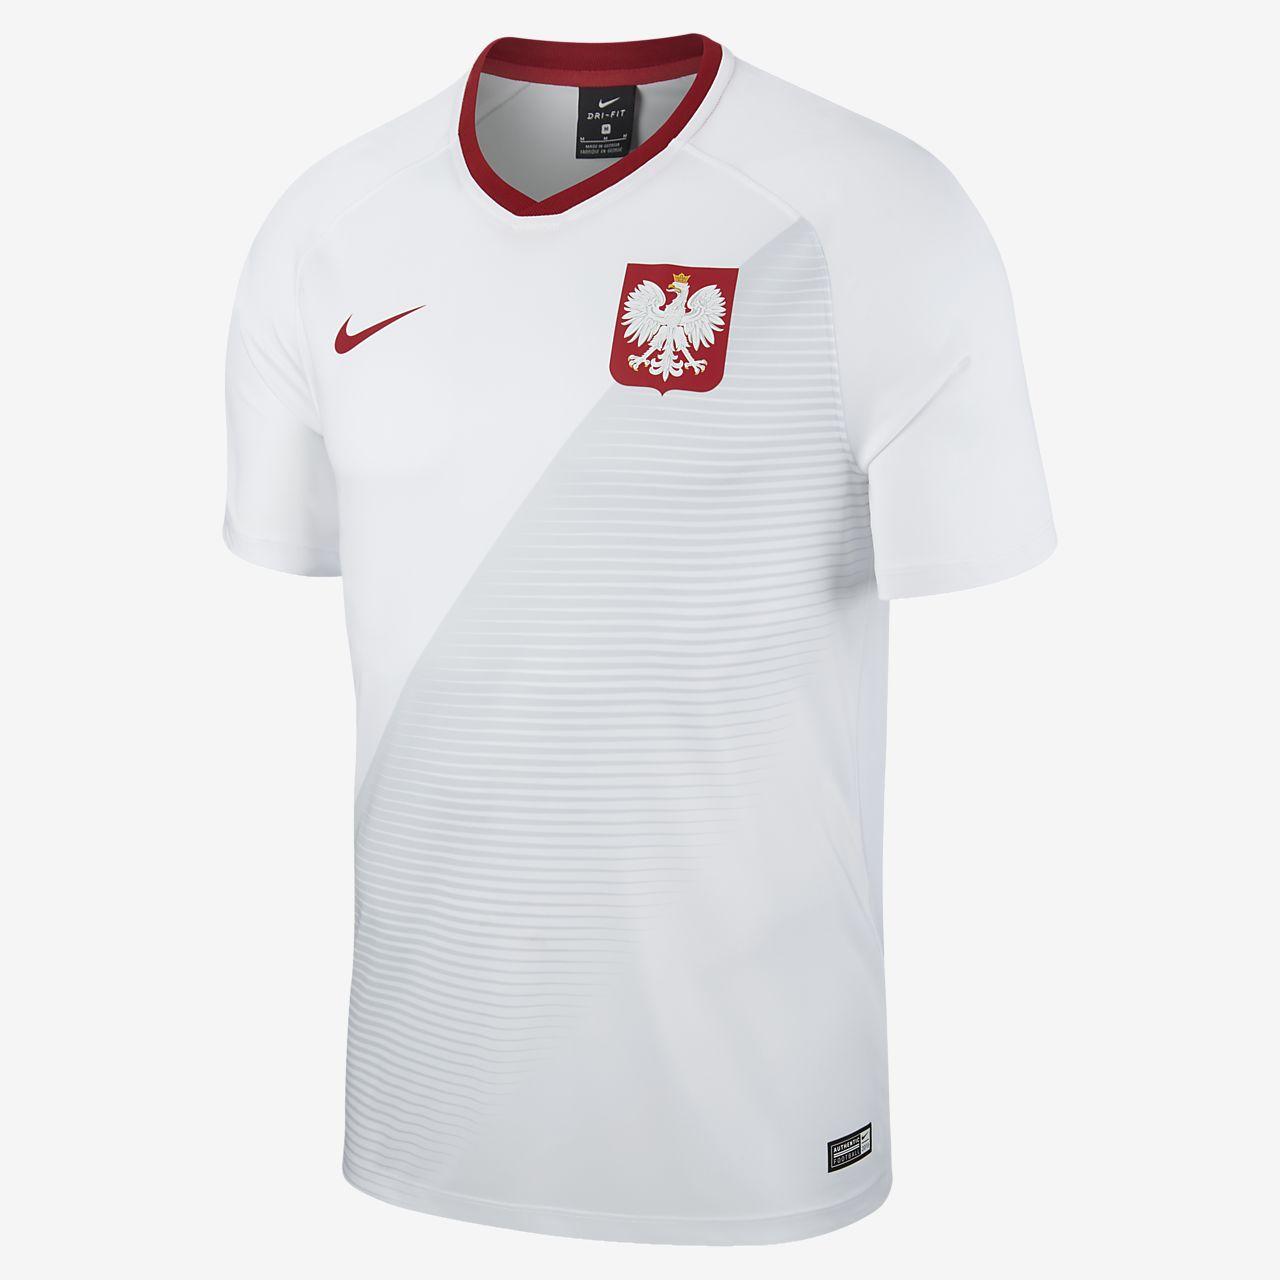 2018 Polen Stadium Home Herren Fußballtrikot